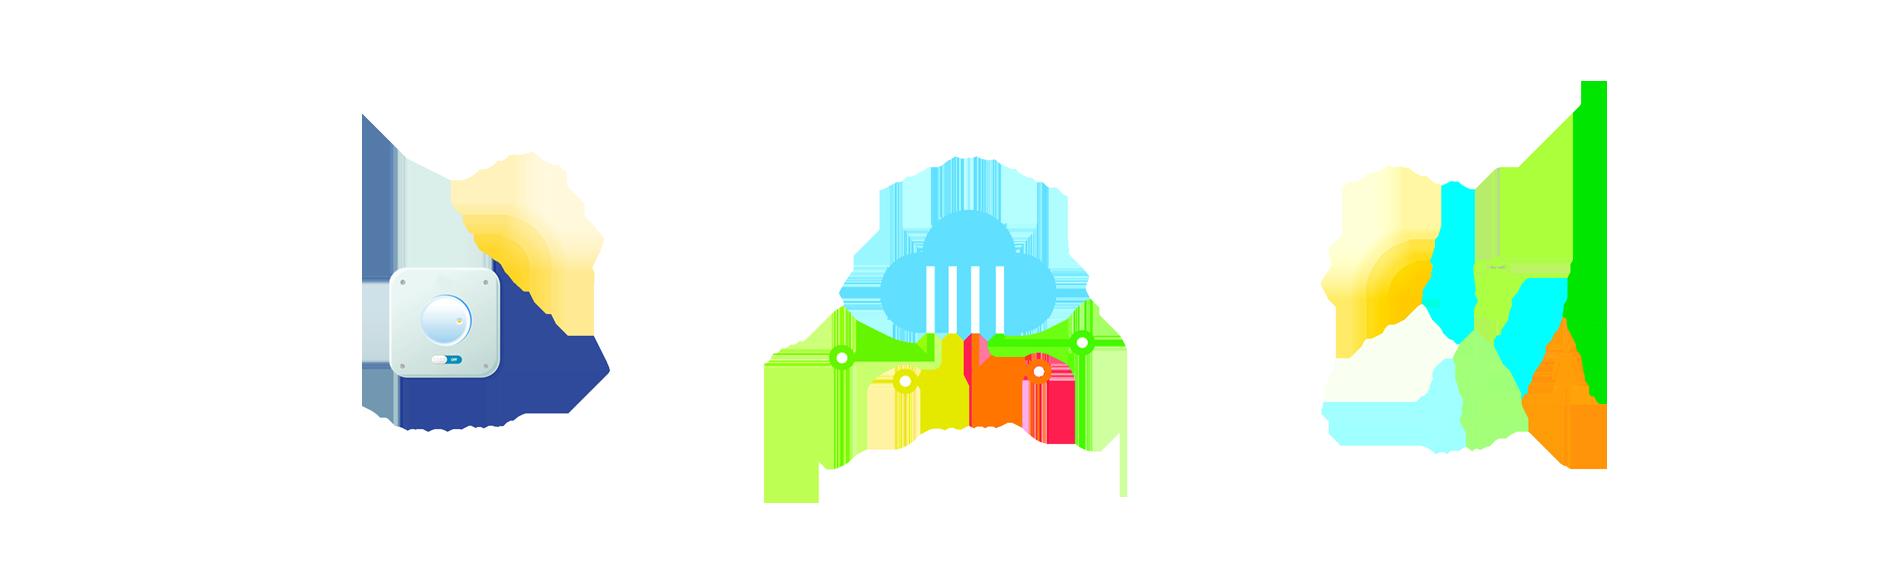 Soluciones Iot y m2m de Kinimara. SIGFOX y Cloud